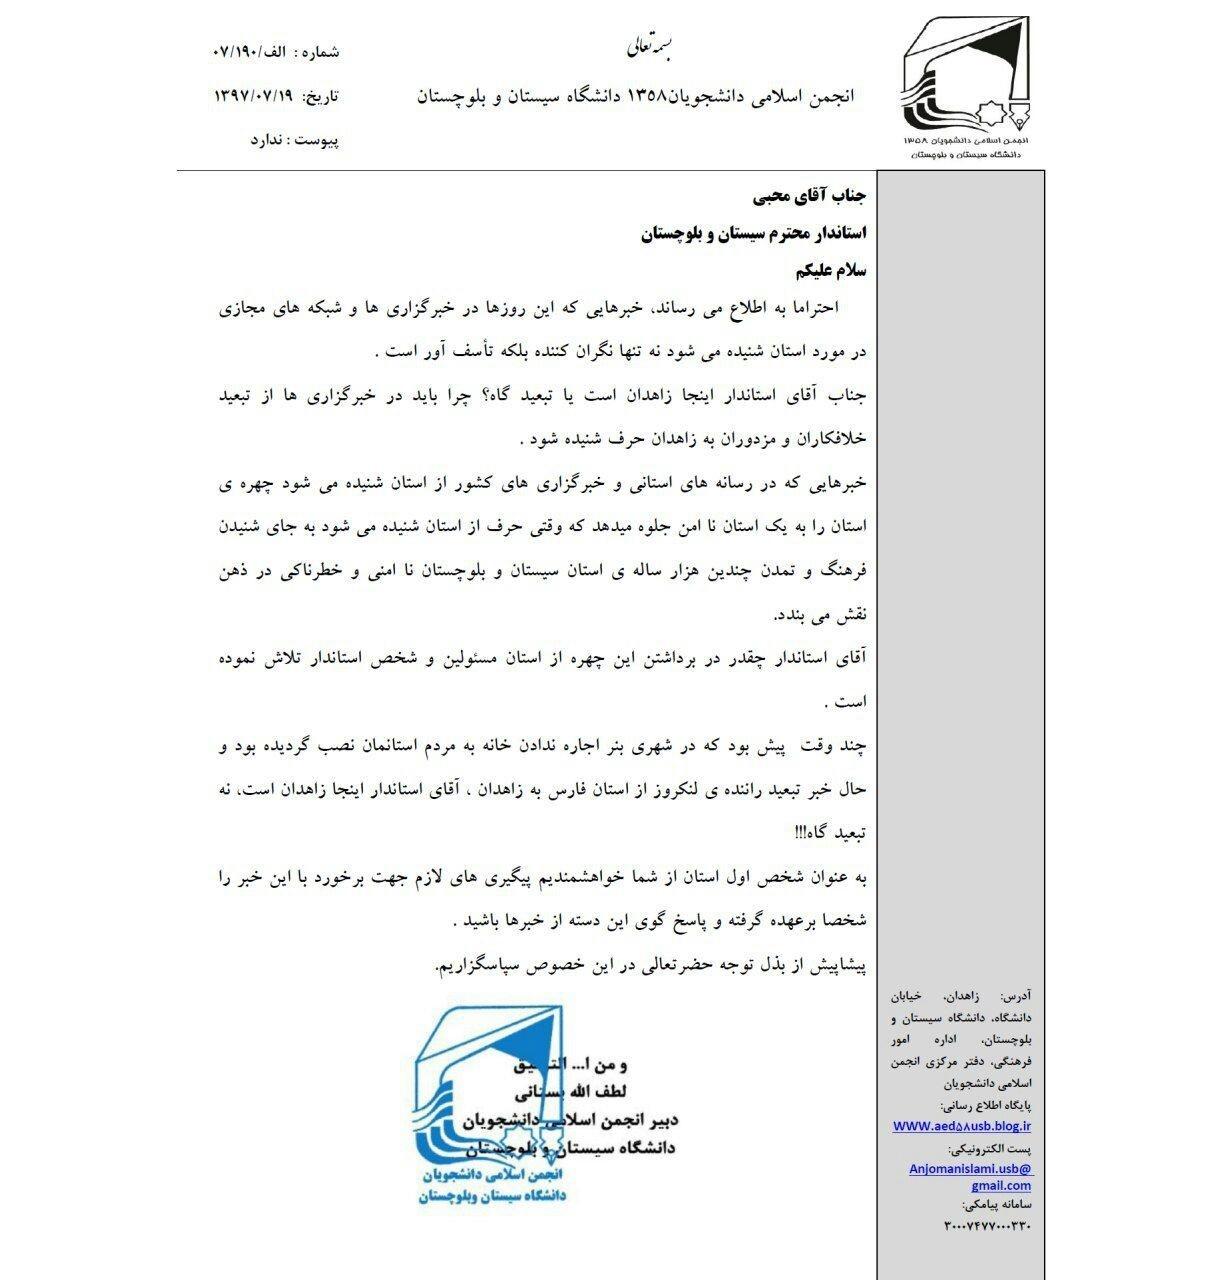 نامه انجمن اسلامی دانشجویان دانشگاه سیستان و بلوچستان به استاندار